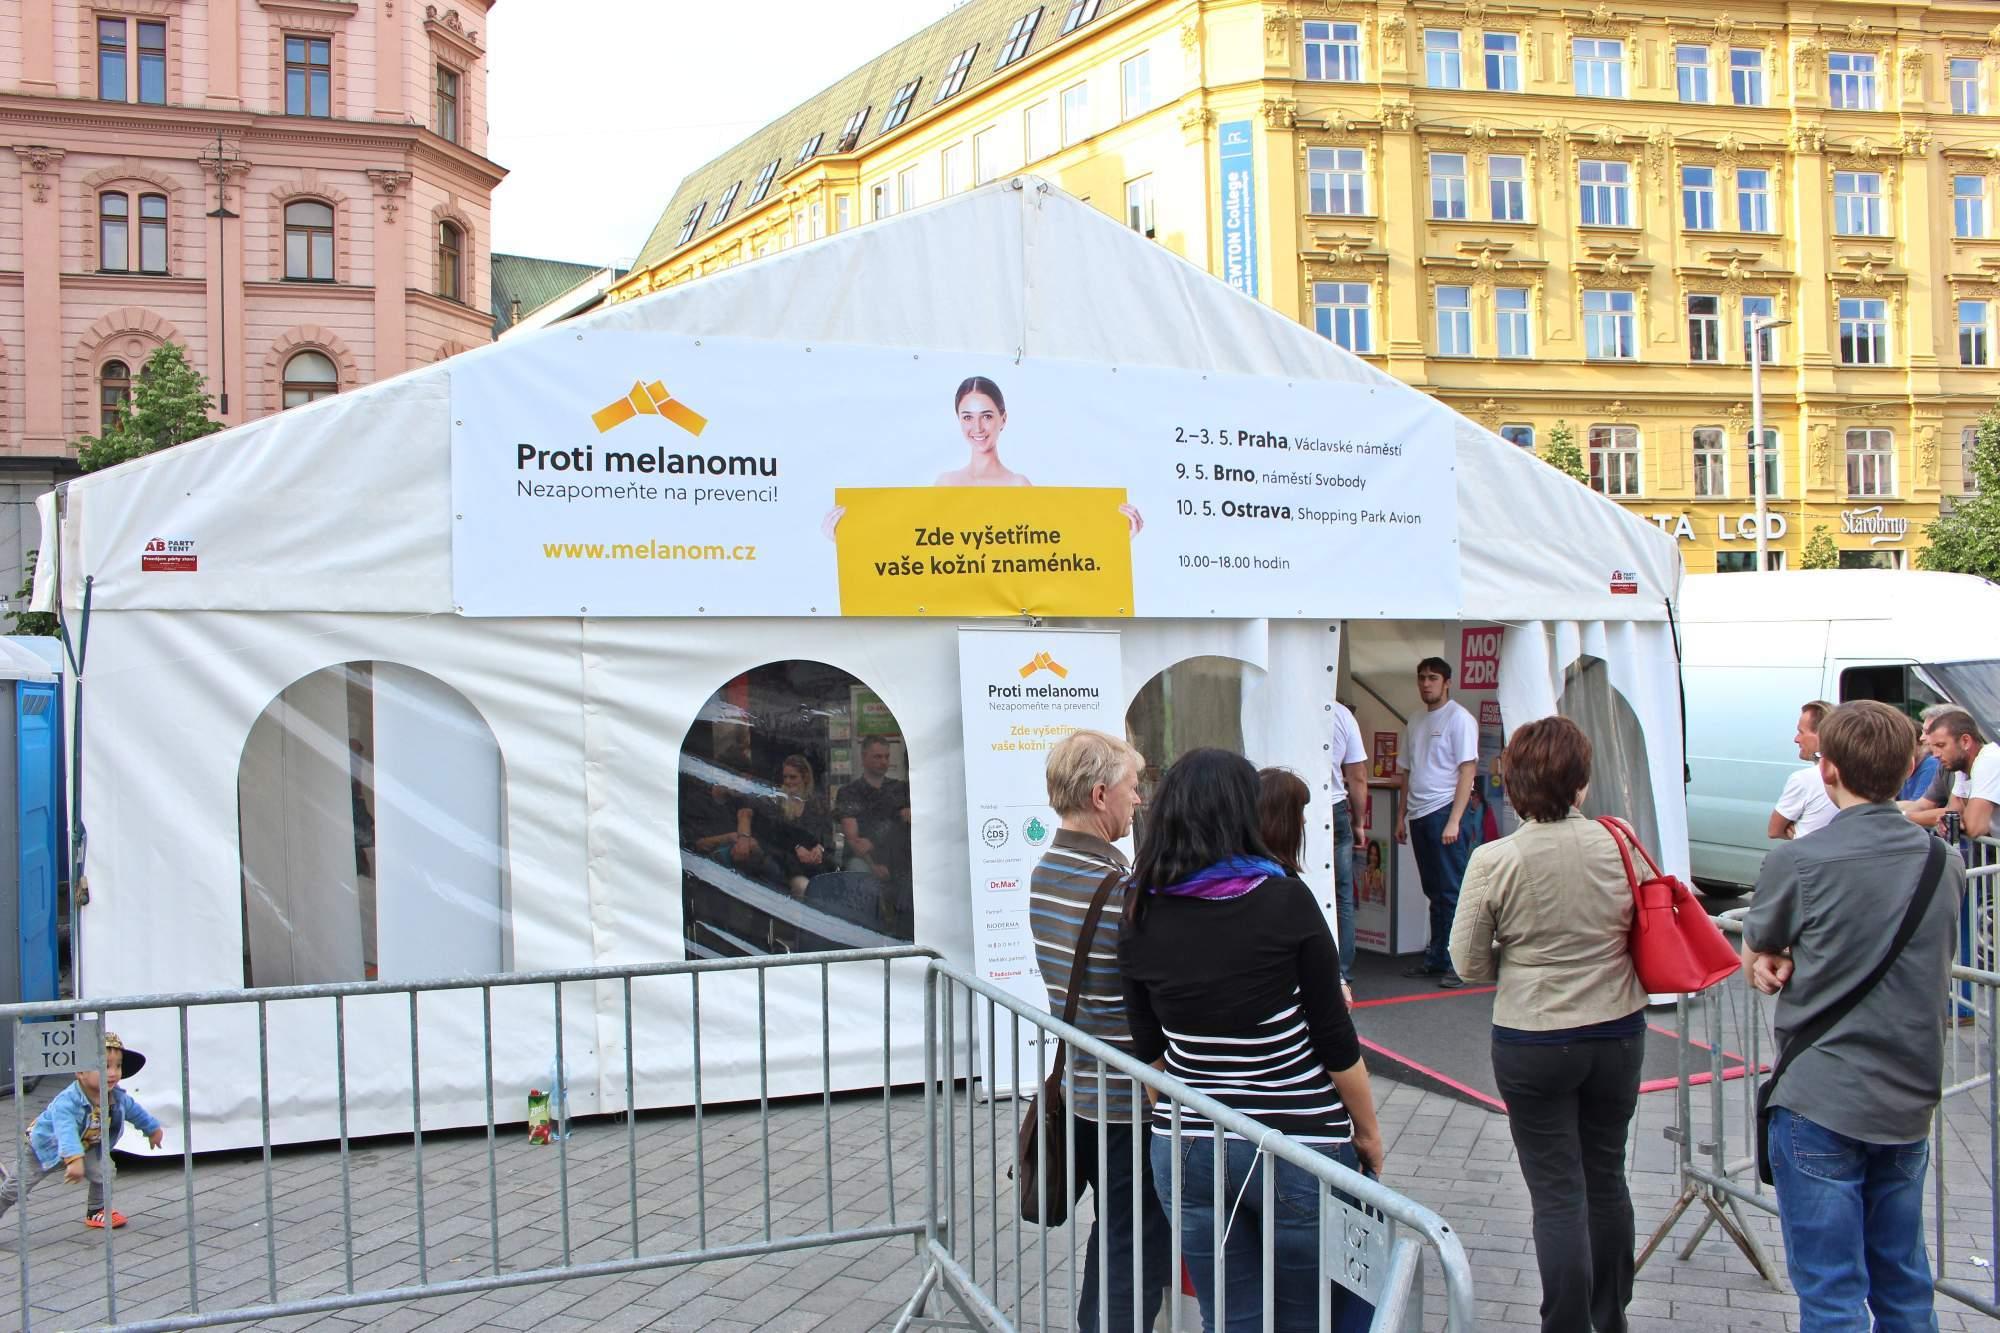 Stan proti melanomu (Foto: Zuzana Pekárková)